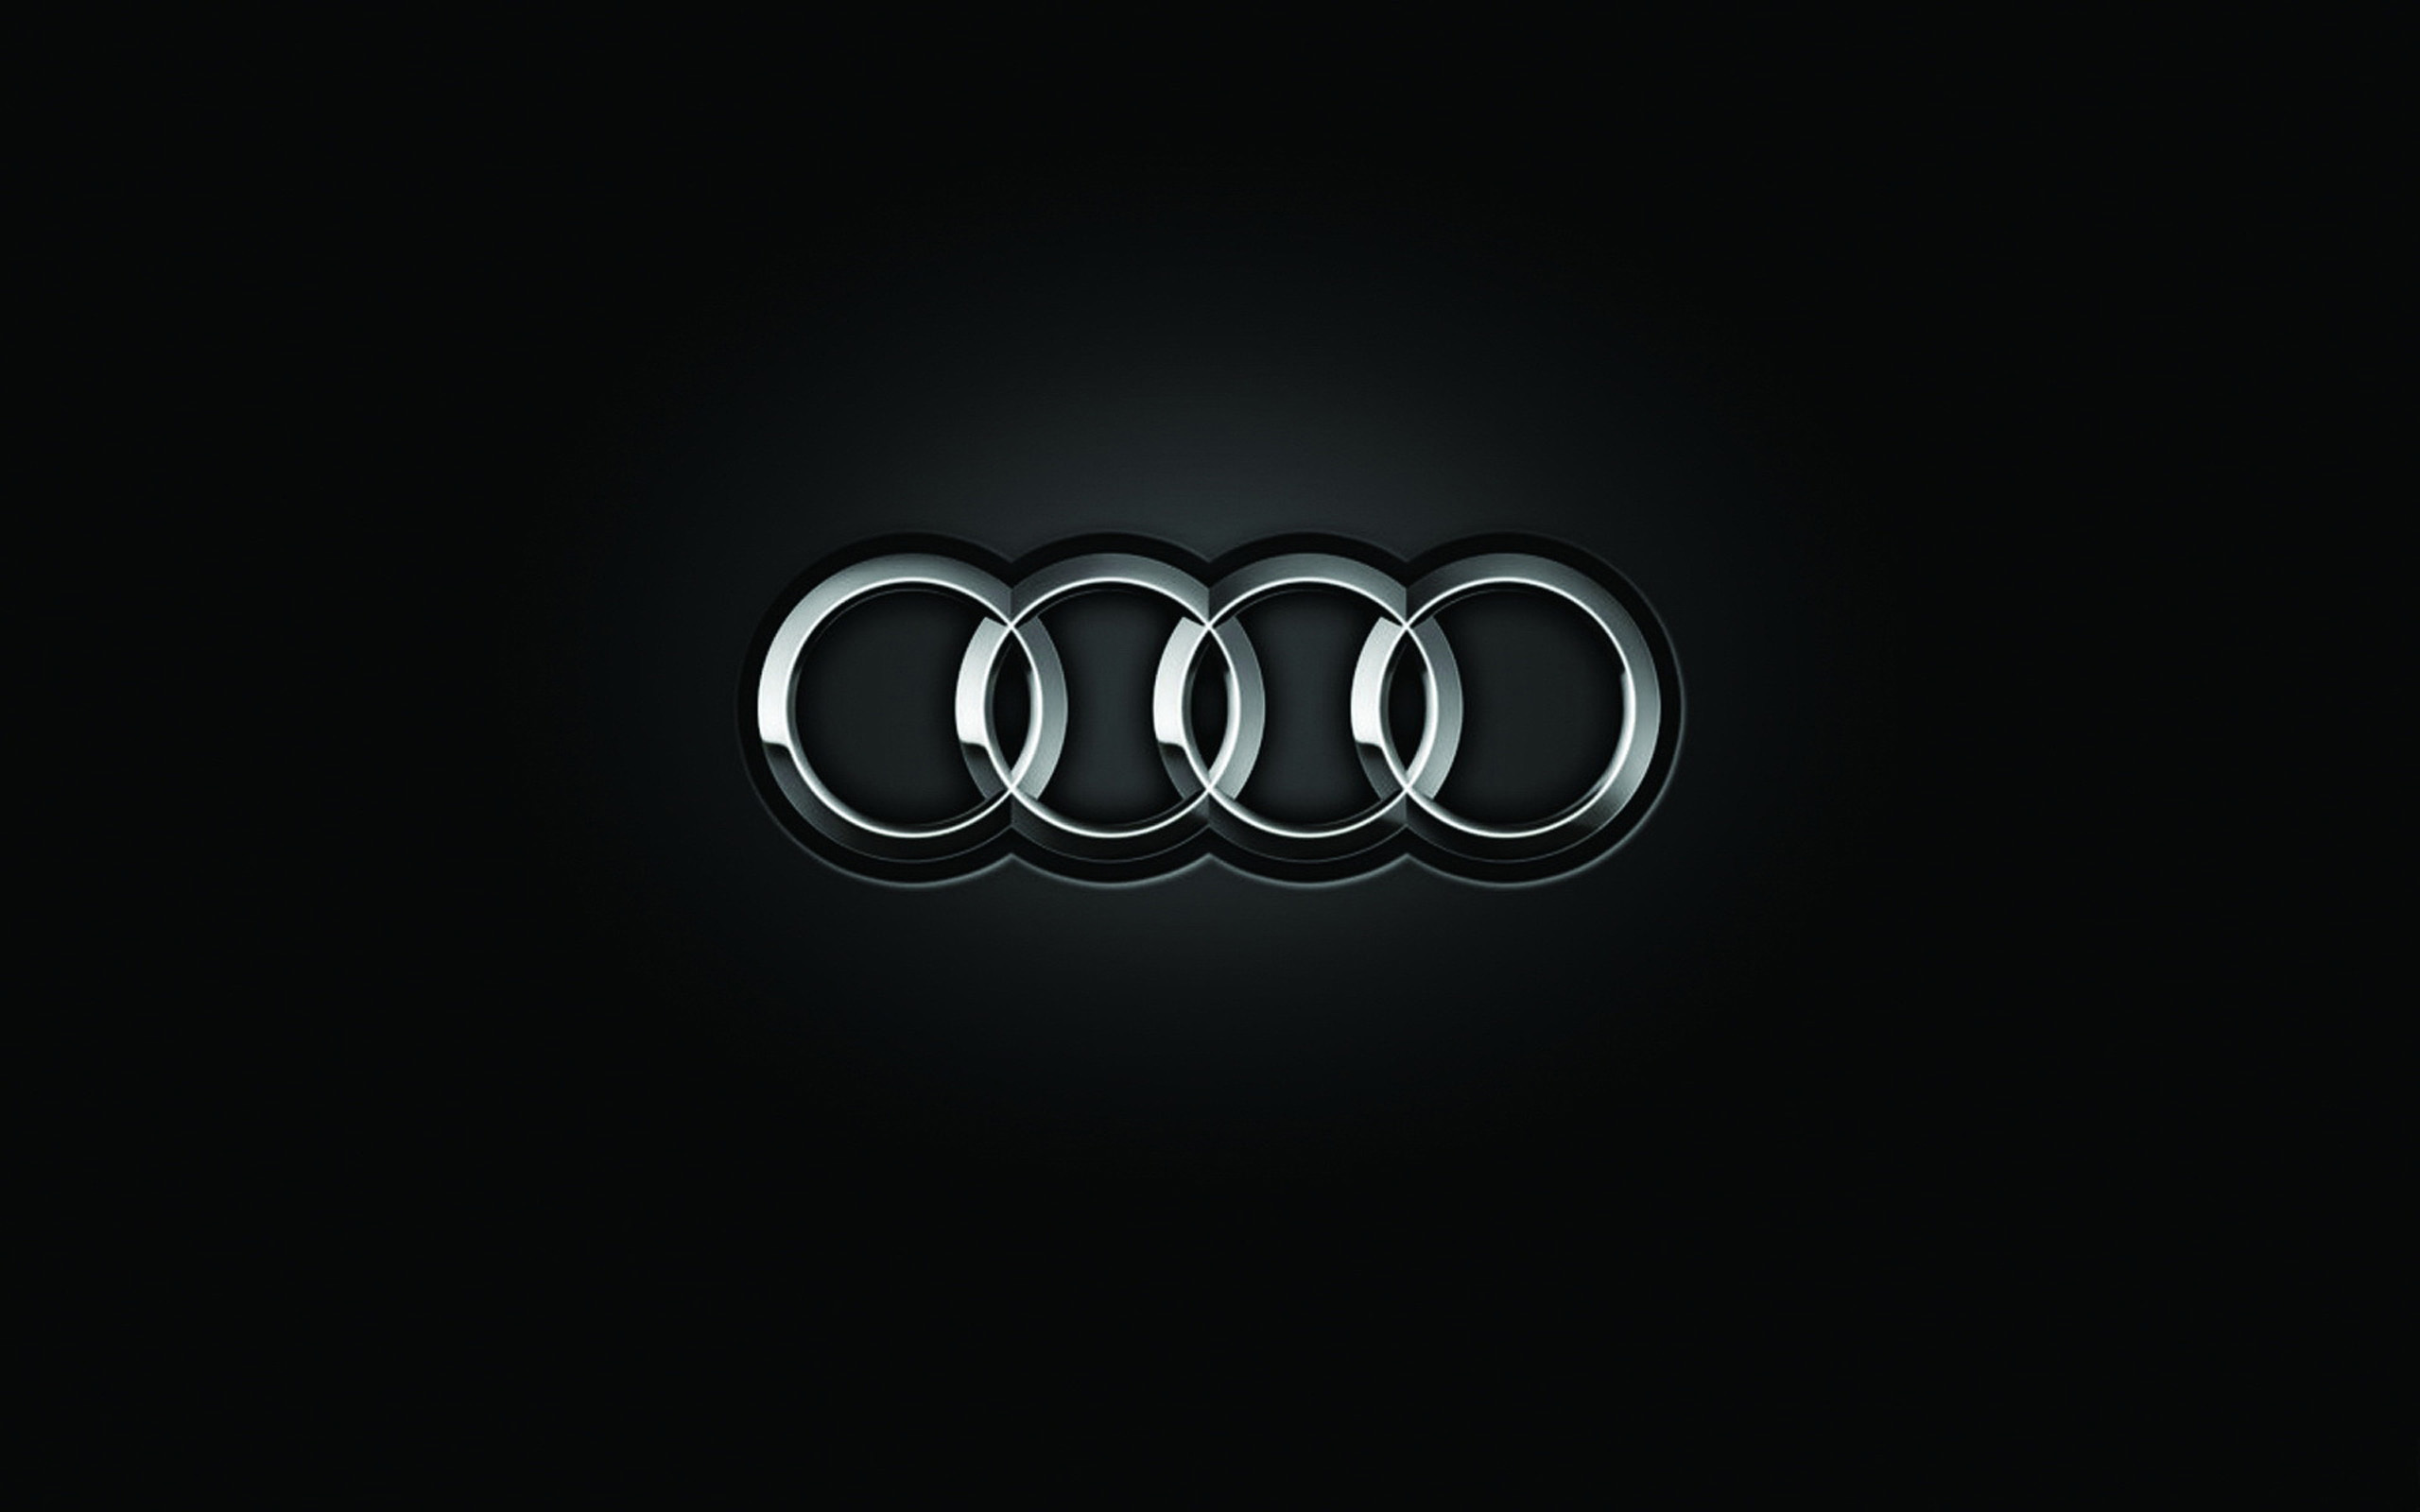 23135 Hintergrundbild herunterladen Auto, Audi, Transport, Hintergrund, Logos - Bildschirmschoner und Bilder kostenlos